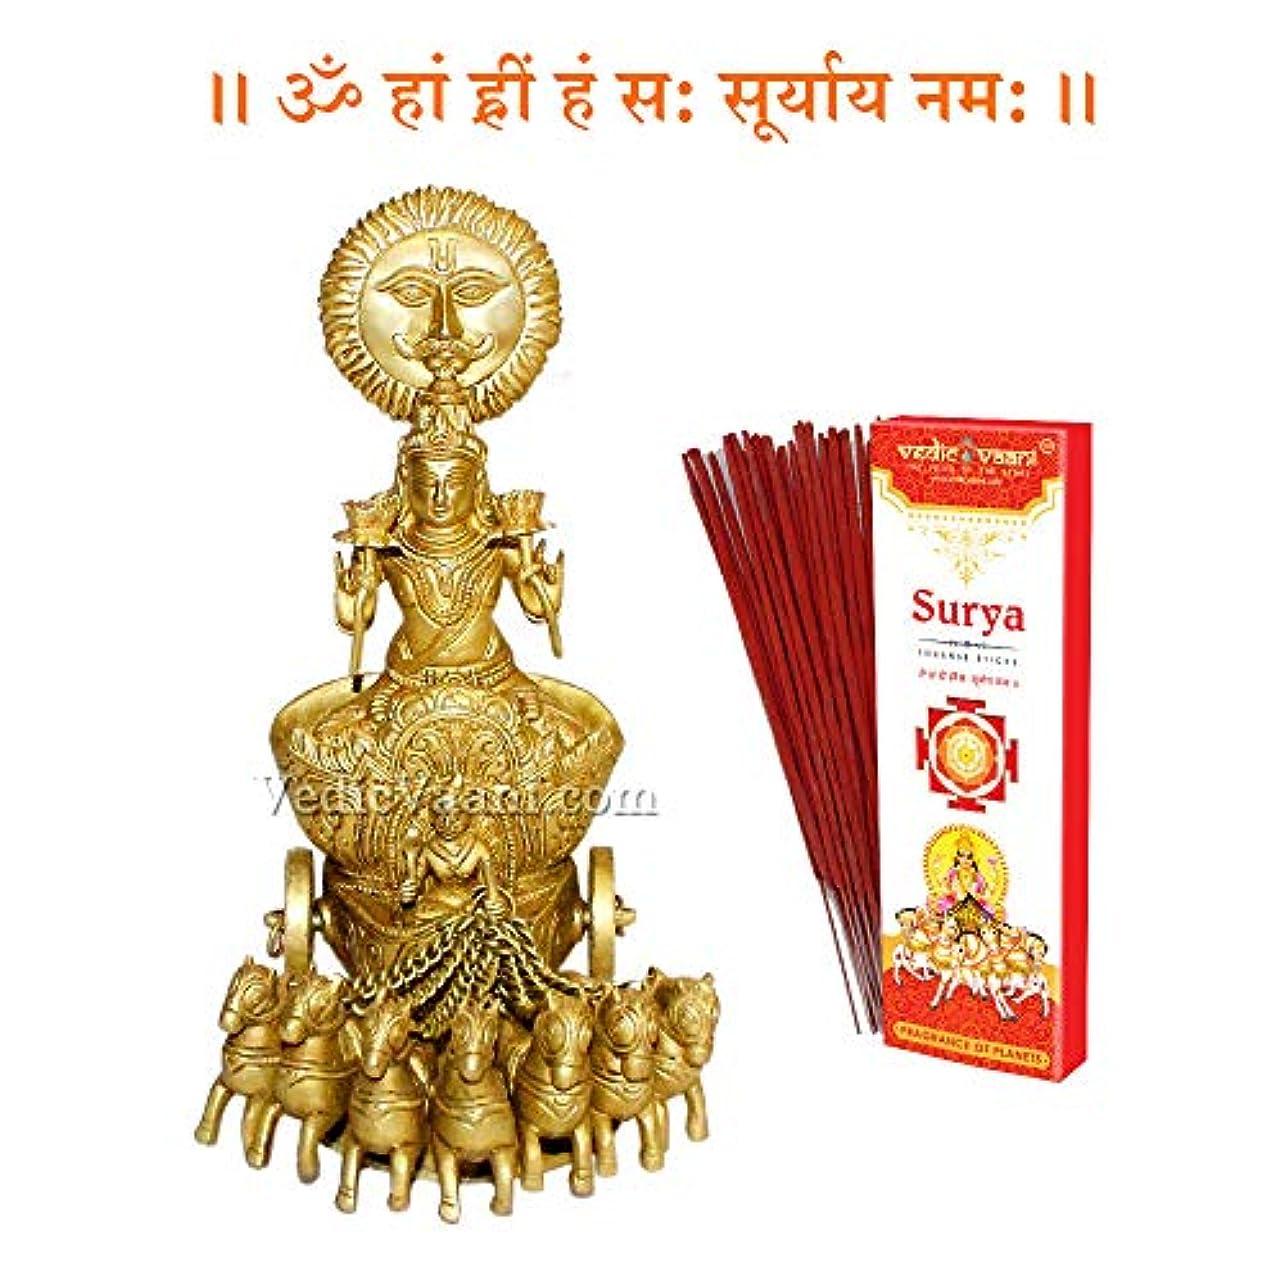 困惑した効能苦味Vedic Vaani Surya Dev Idol with Surya お香スティック